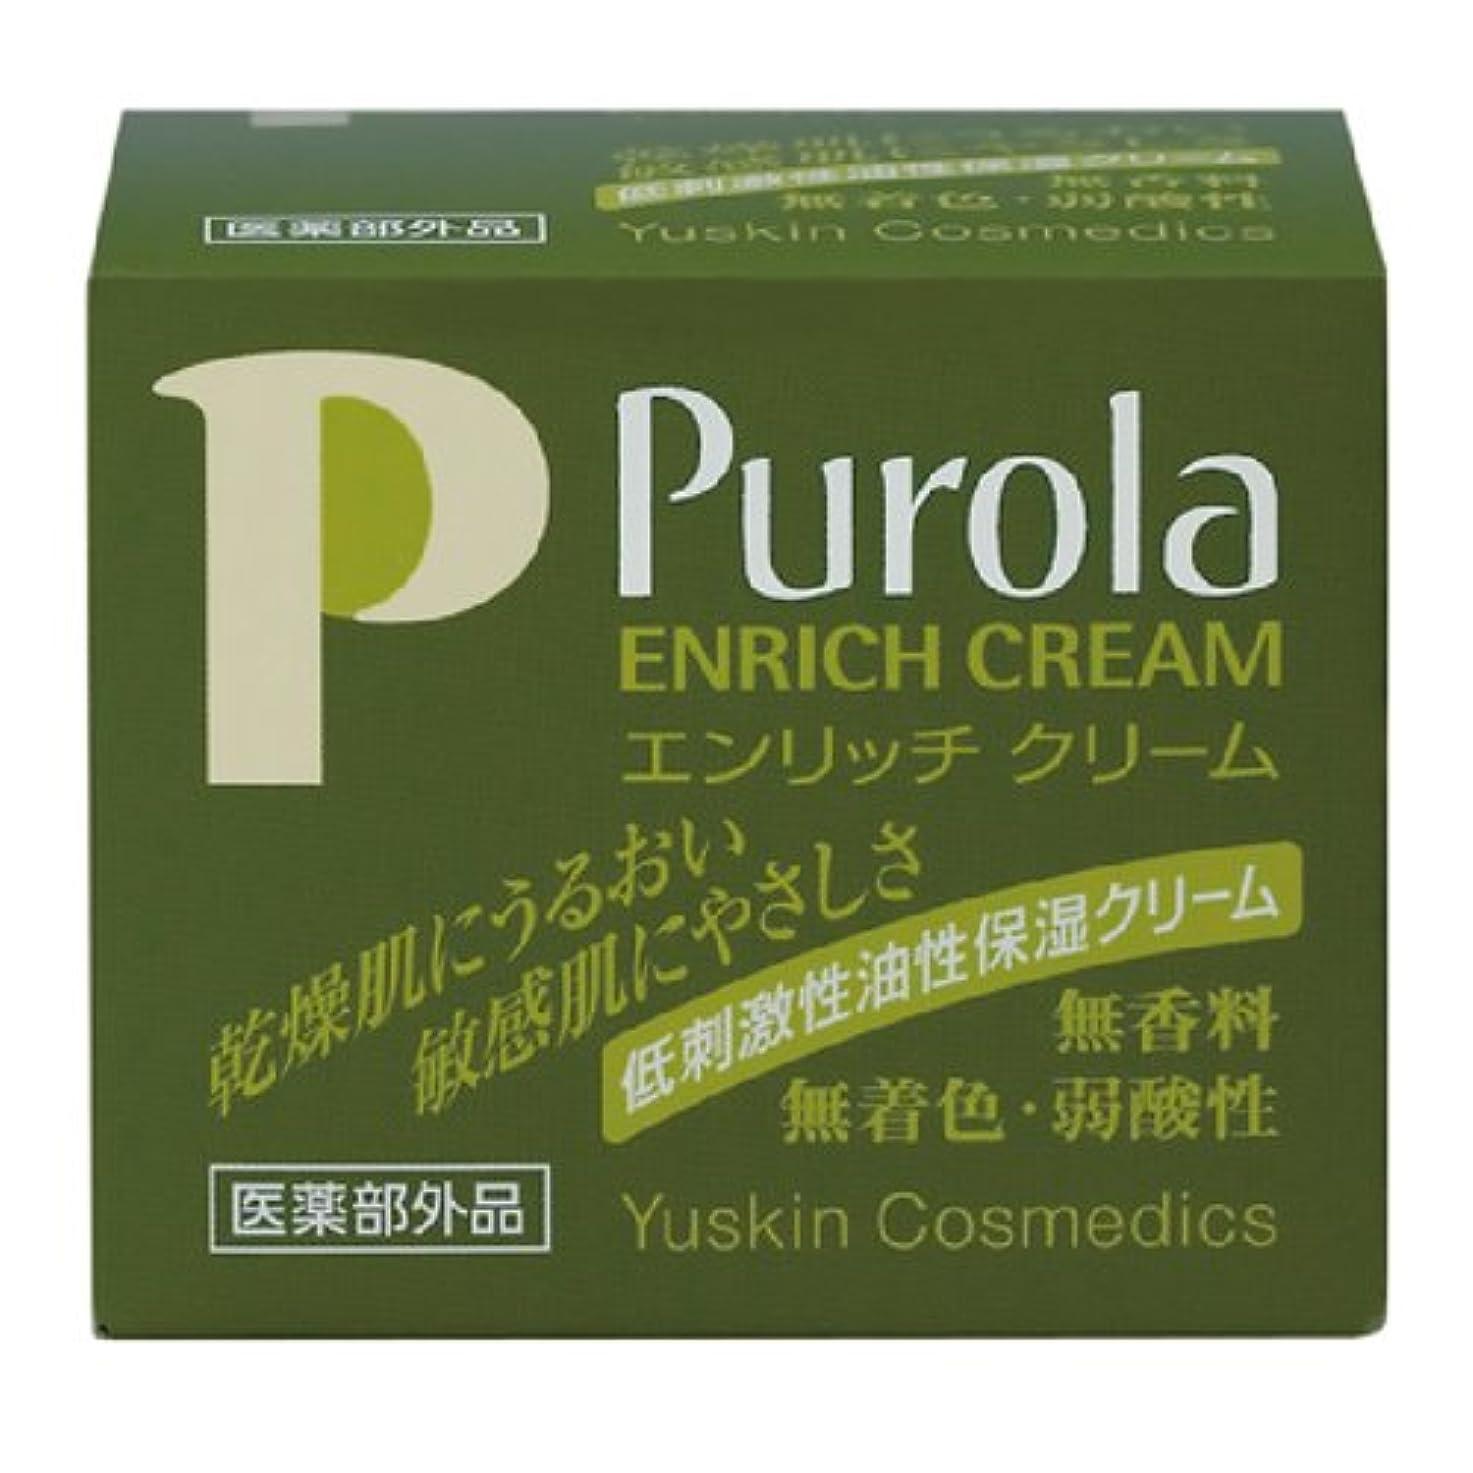 理想的伝記プローラ 薬用エンリッチクリームa 67g